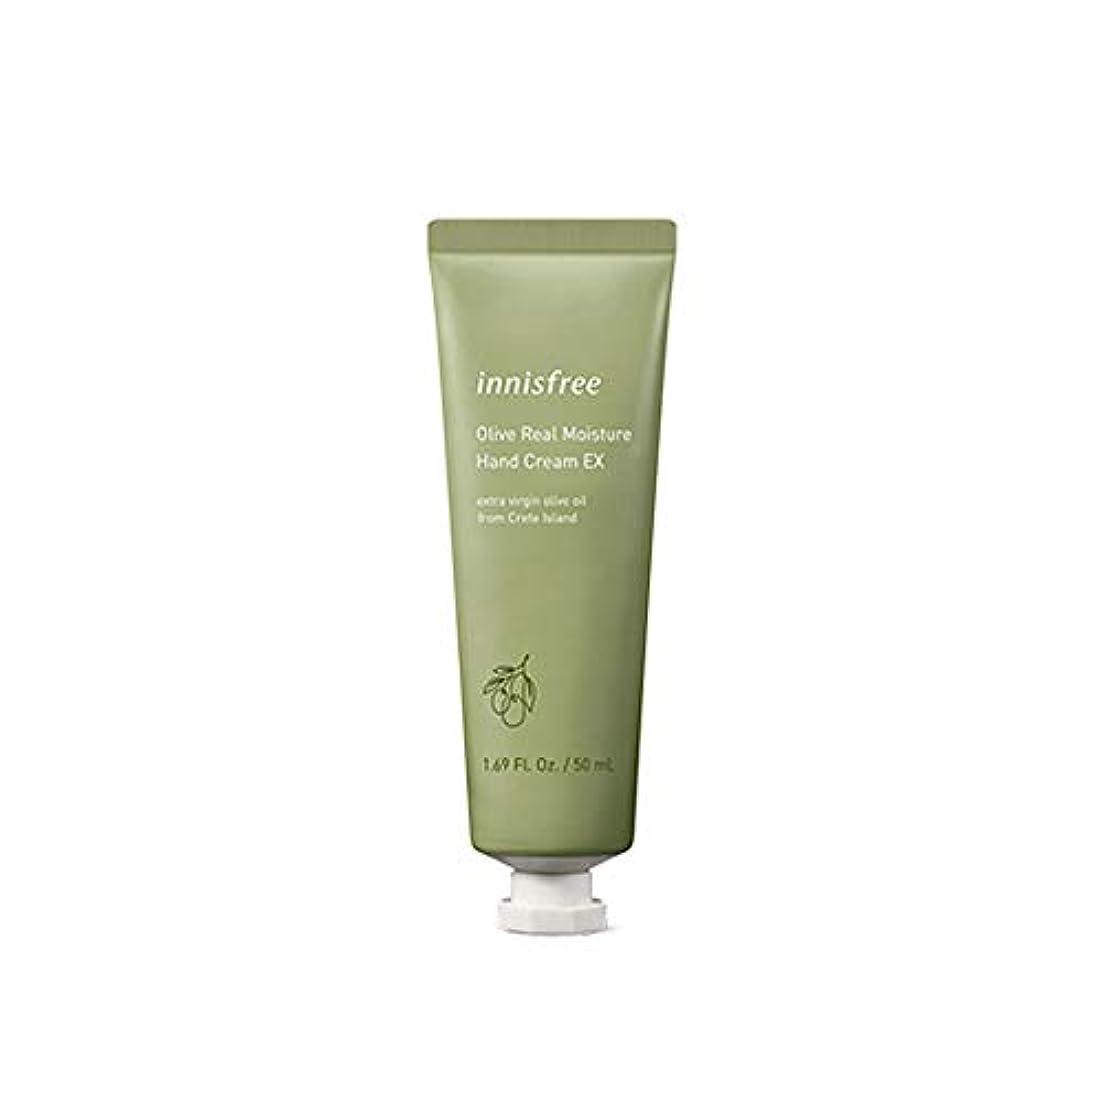 ビスケットマナー太鼓腹イニスフリー Innisfree オリーブリアル モイスチャー ハンドクリーム(50ml) Innisfree Olive Real Moisture Hand Cream (50ml) [海外直送品]